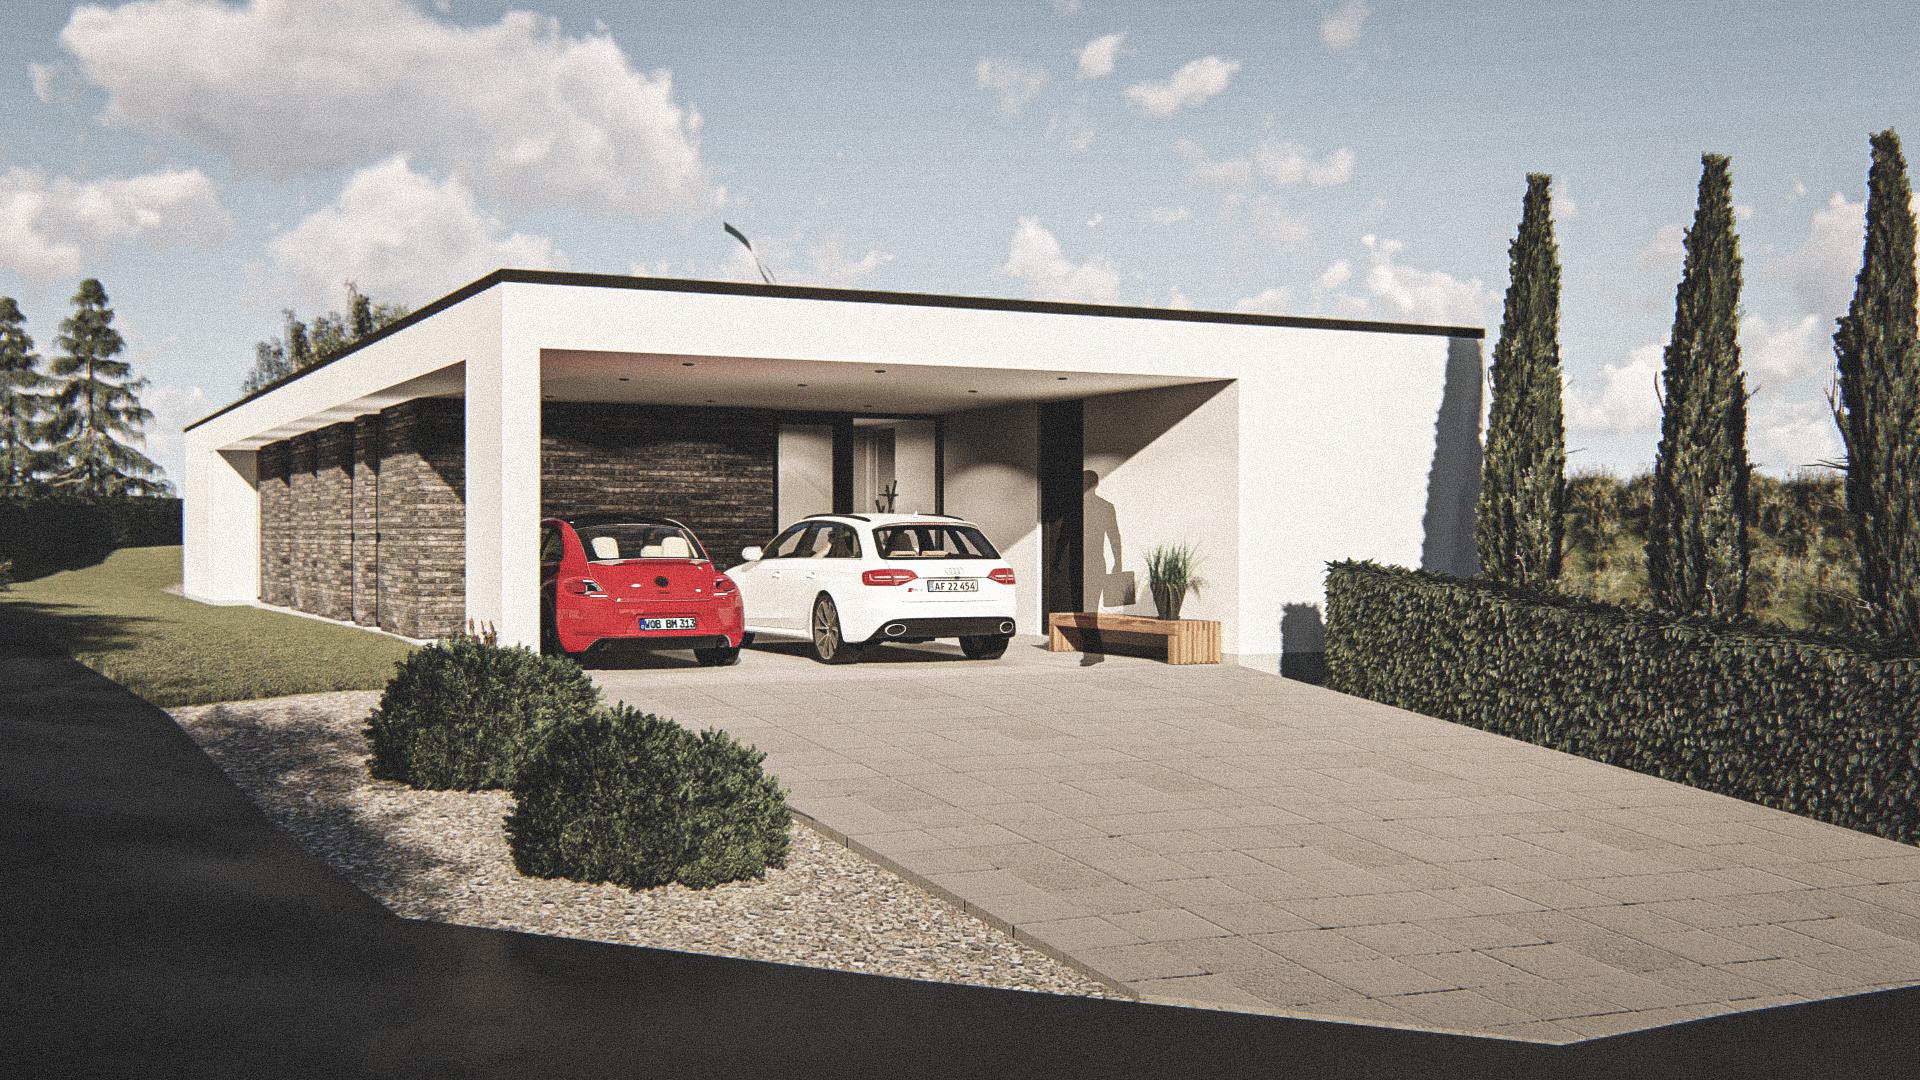 Billede af Dansk arkitekttegnet 1 plan villa af arkitektfirmaet m2plus, i Næstved på 178 kvartratmeter.